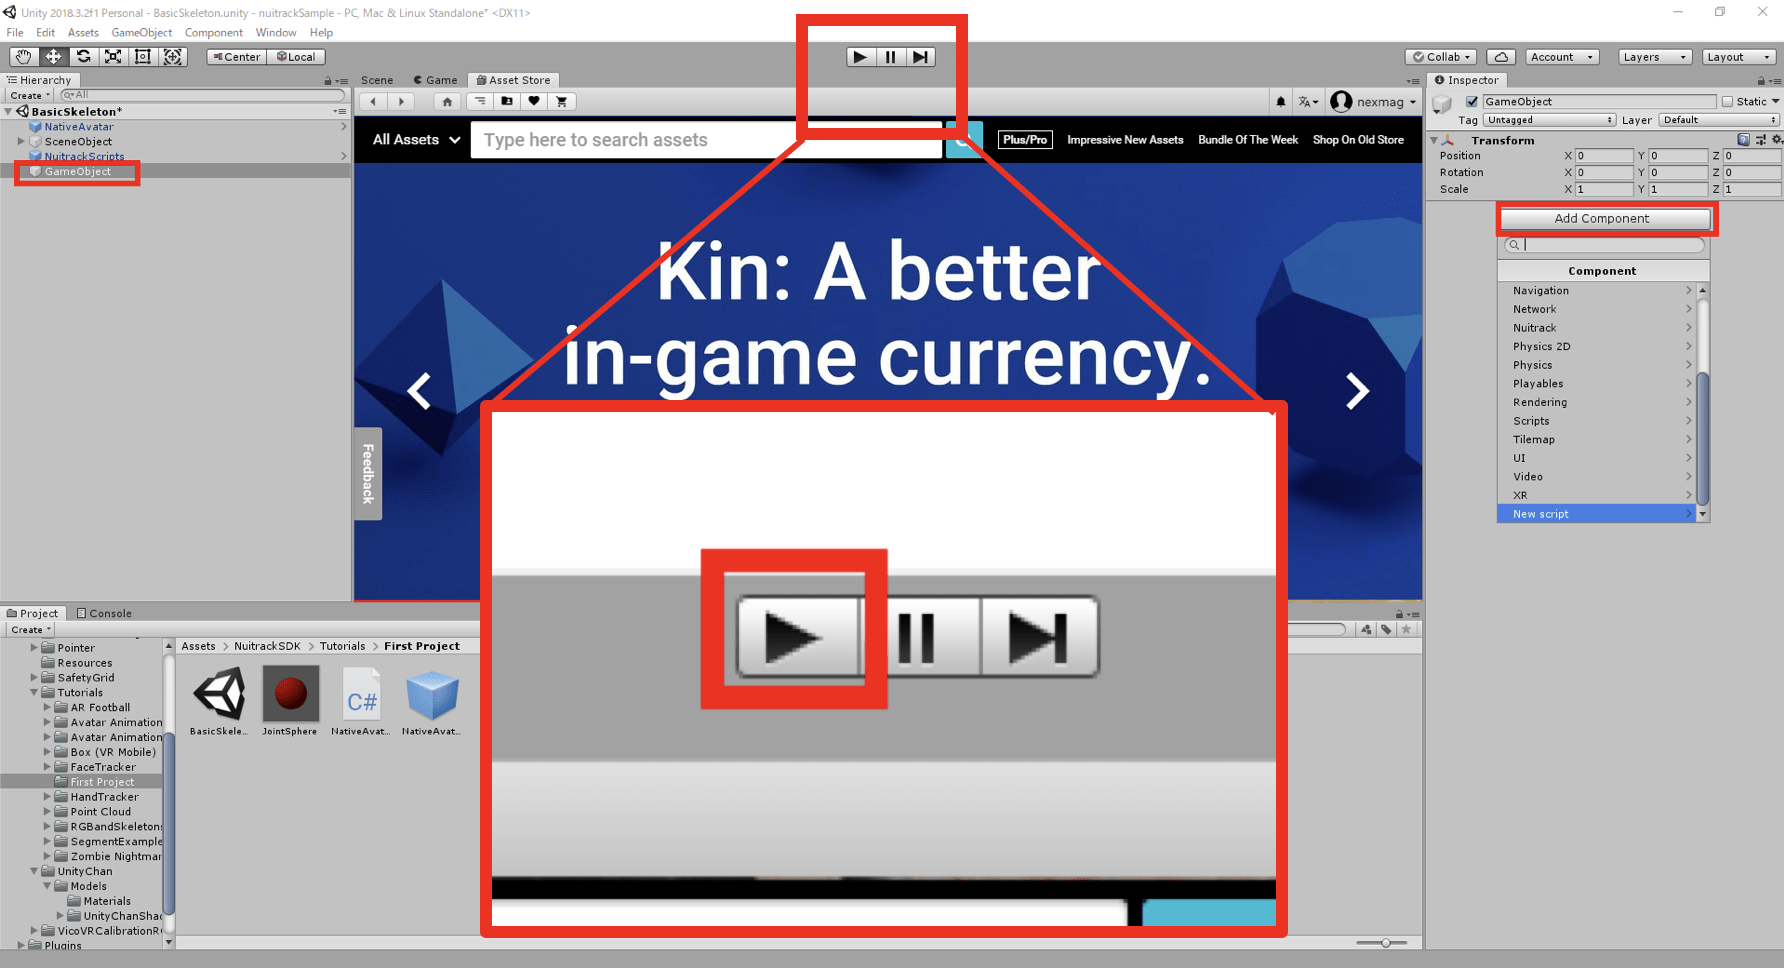 Unityの画面の真ん中の再生ボタンをクリックして実行します